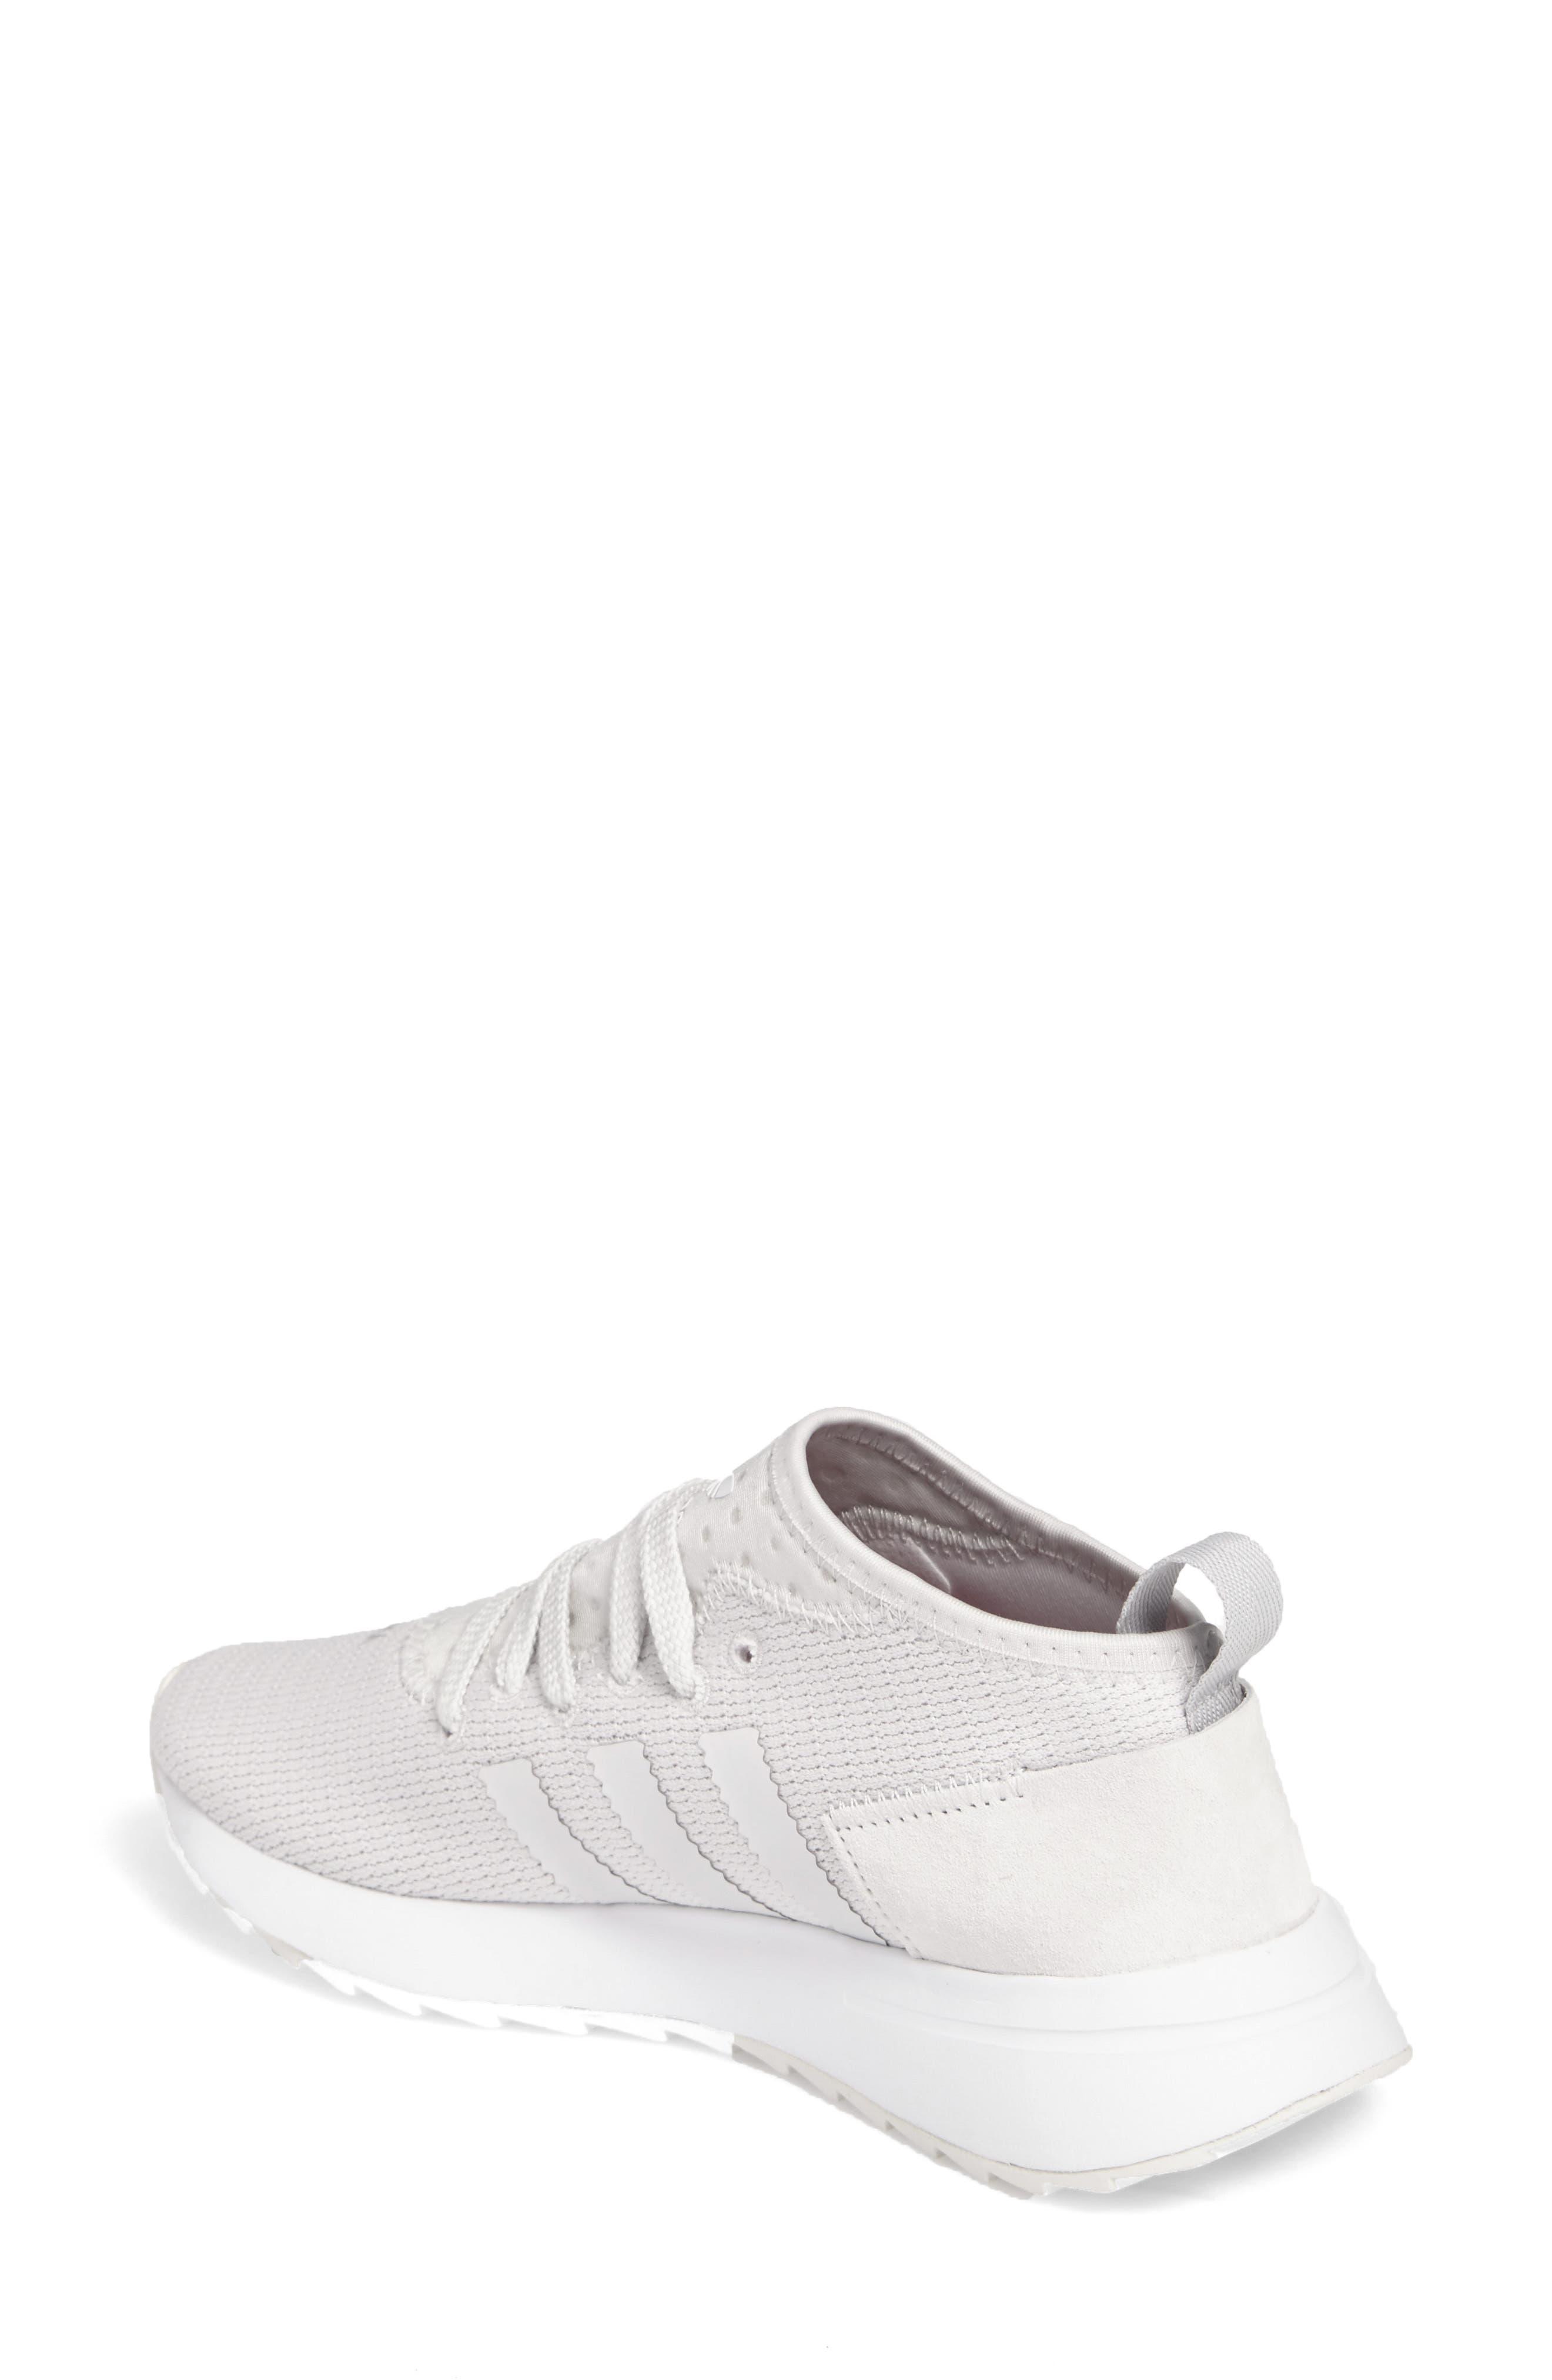 Flashback Winter Sneaker,                             Alternate thumbnail 2, color,                             056